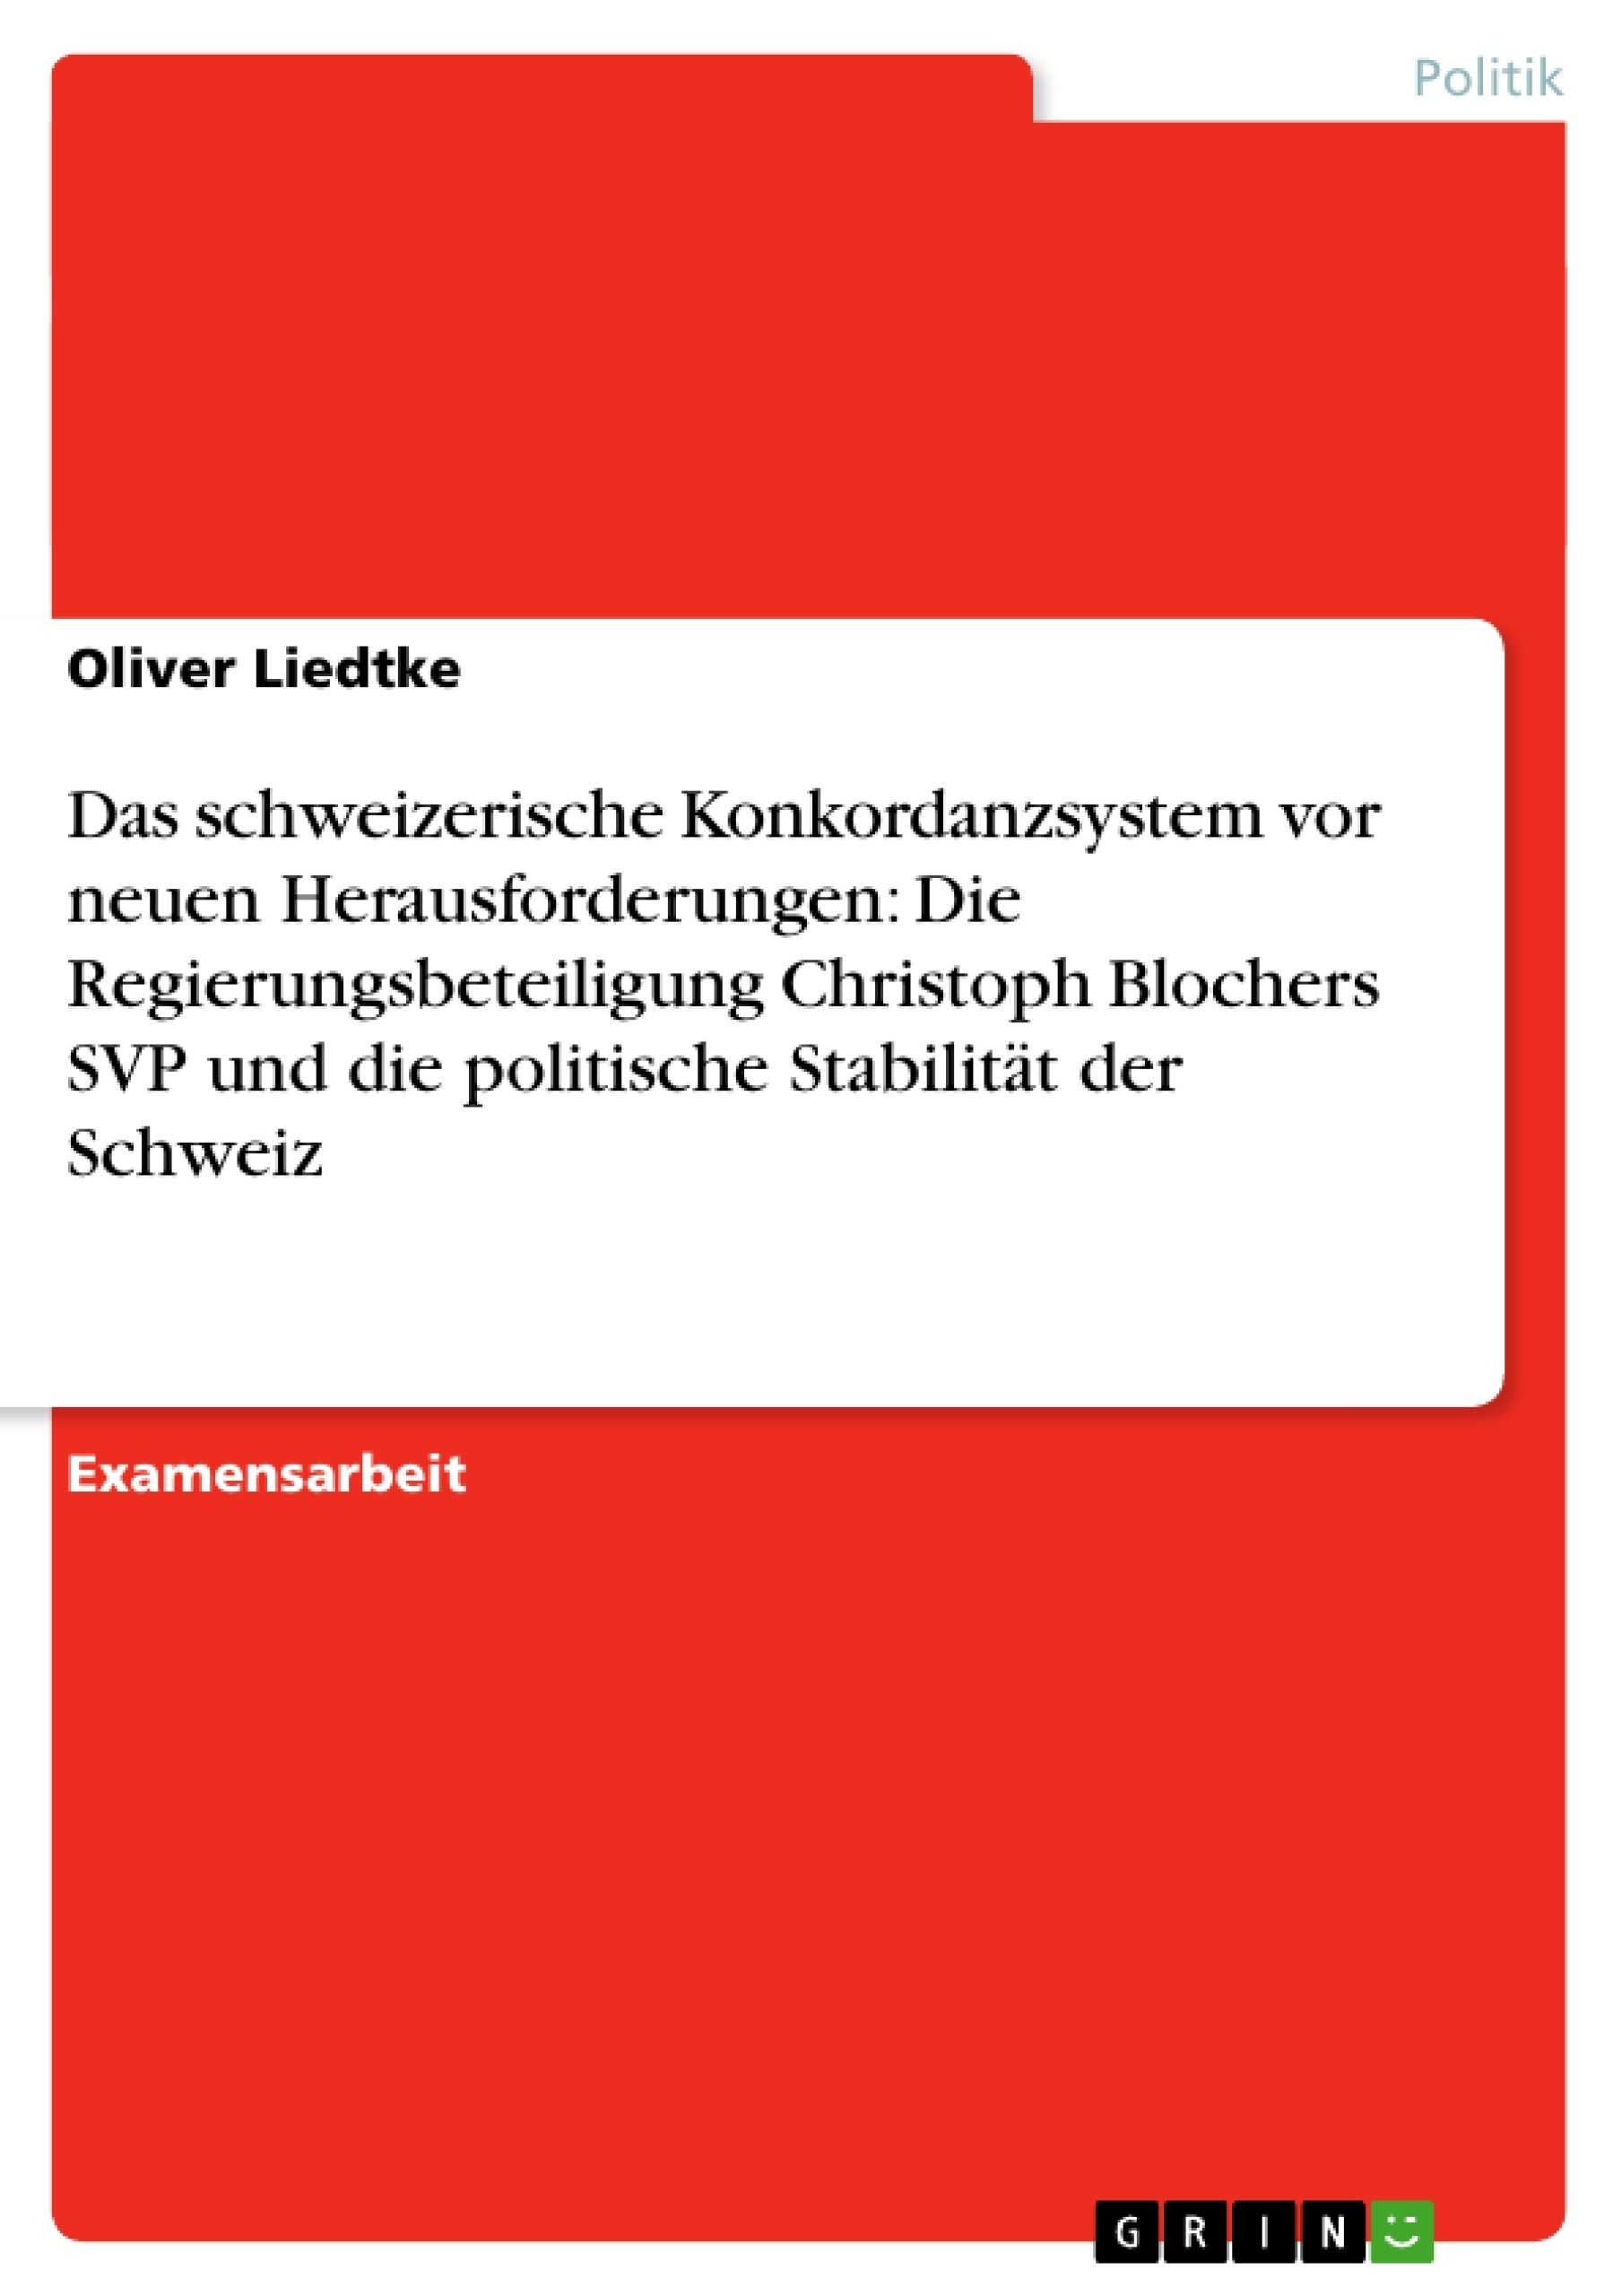 Titel: Das schweizerische Konkordanzsystem vor neuen Herausforderungen: Die Regierungsbeteiligung Christoph Blochers SVP und die politische Stabilität der Schweiz